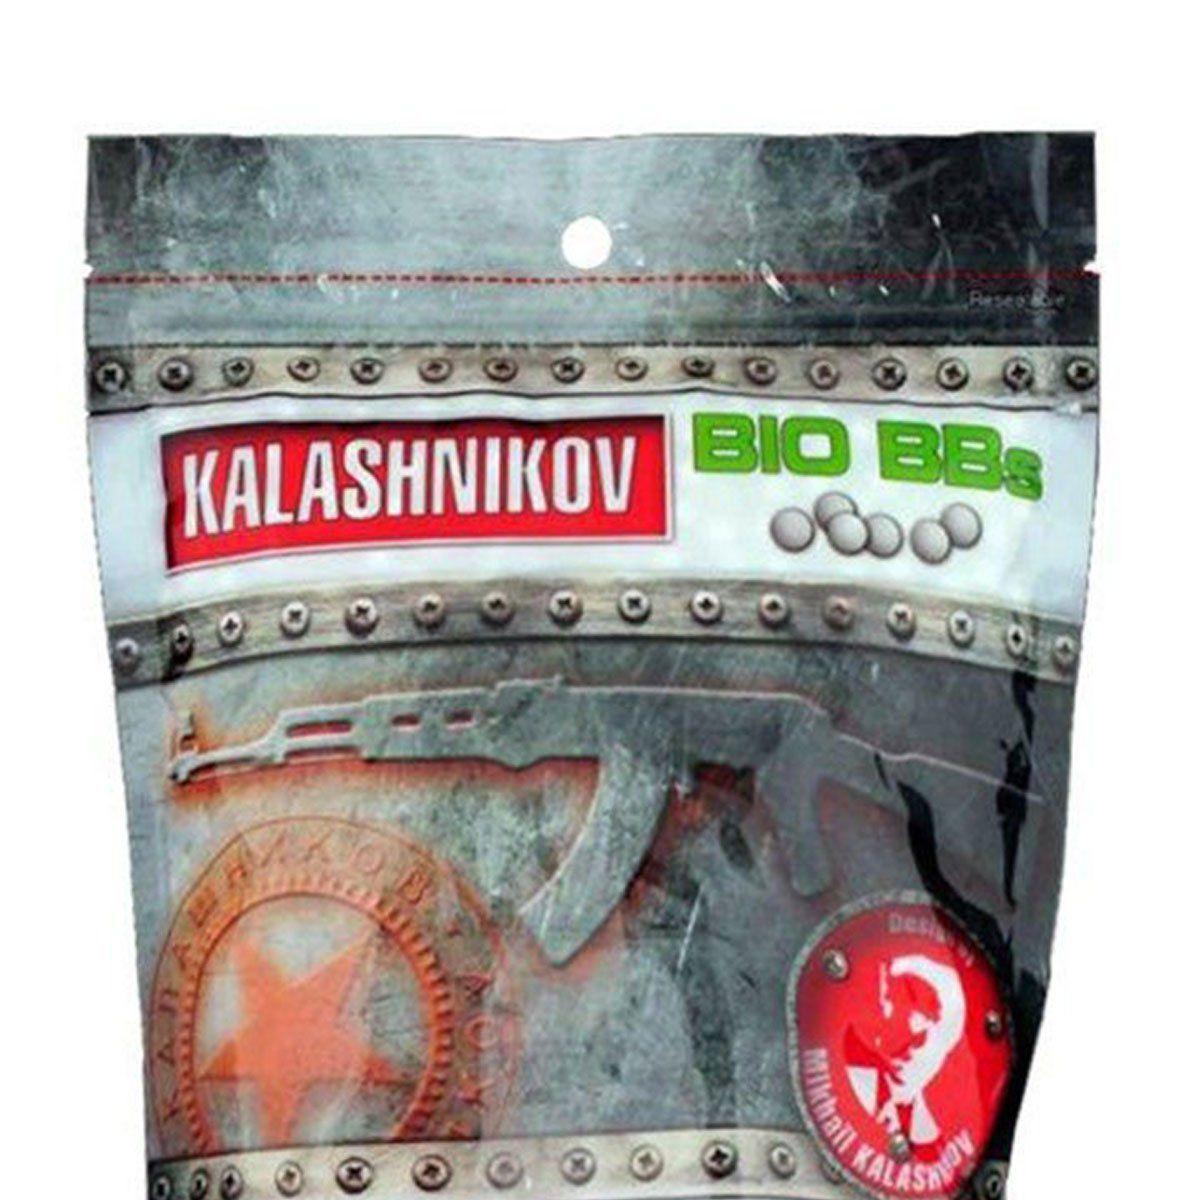 Esferas Plásticas BBs Kalashnikov Bio 6mm 0,25g 3200un